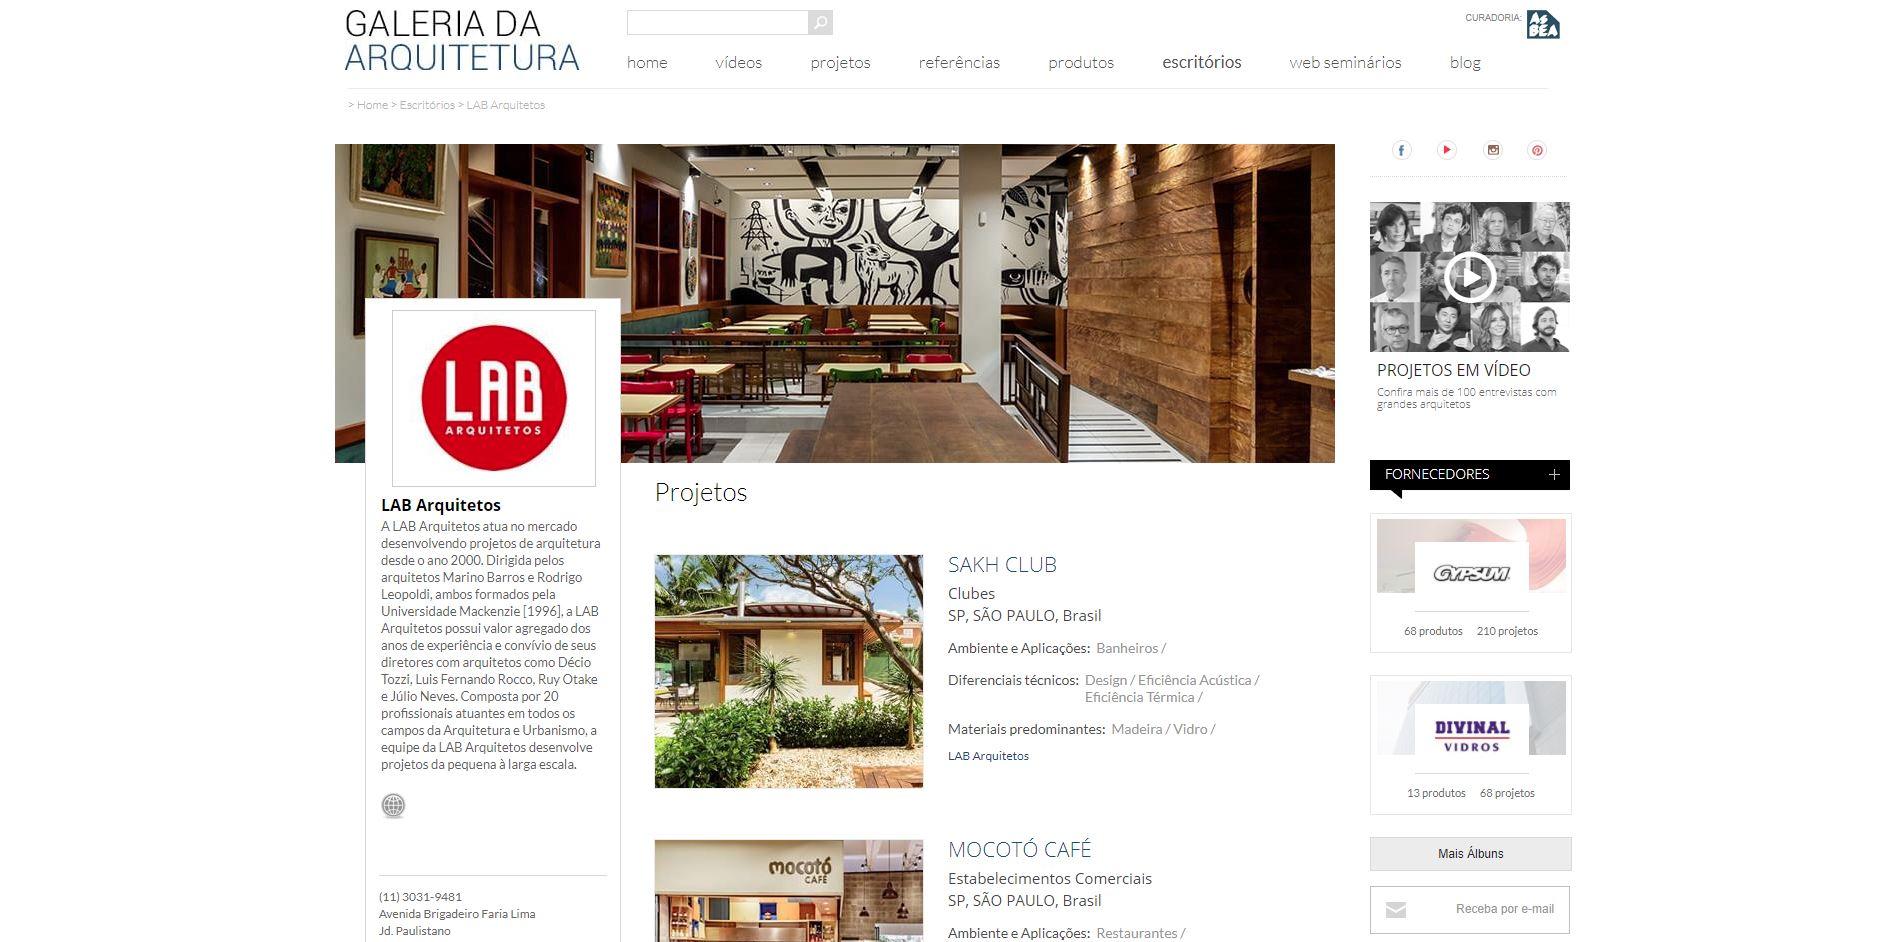 arquitetura-labarquitetos-publicacao-site-galeria-capa